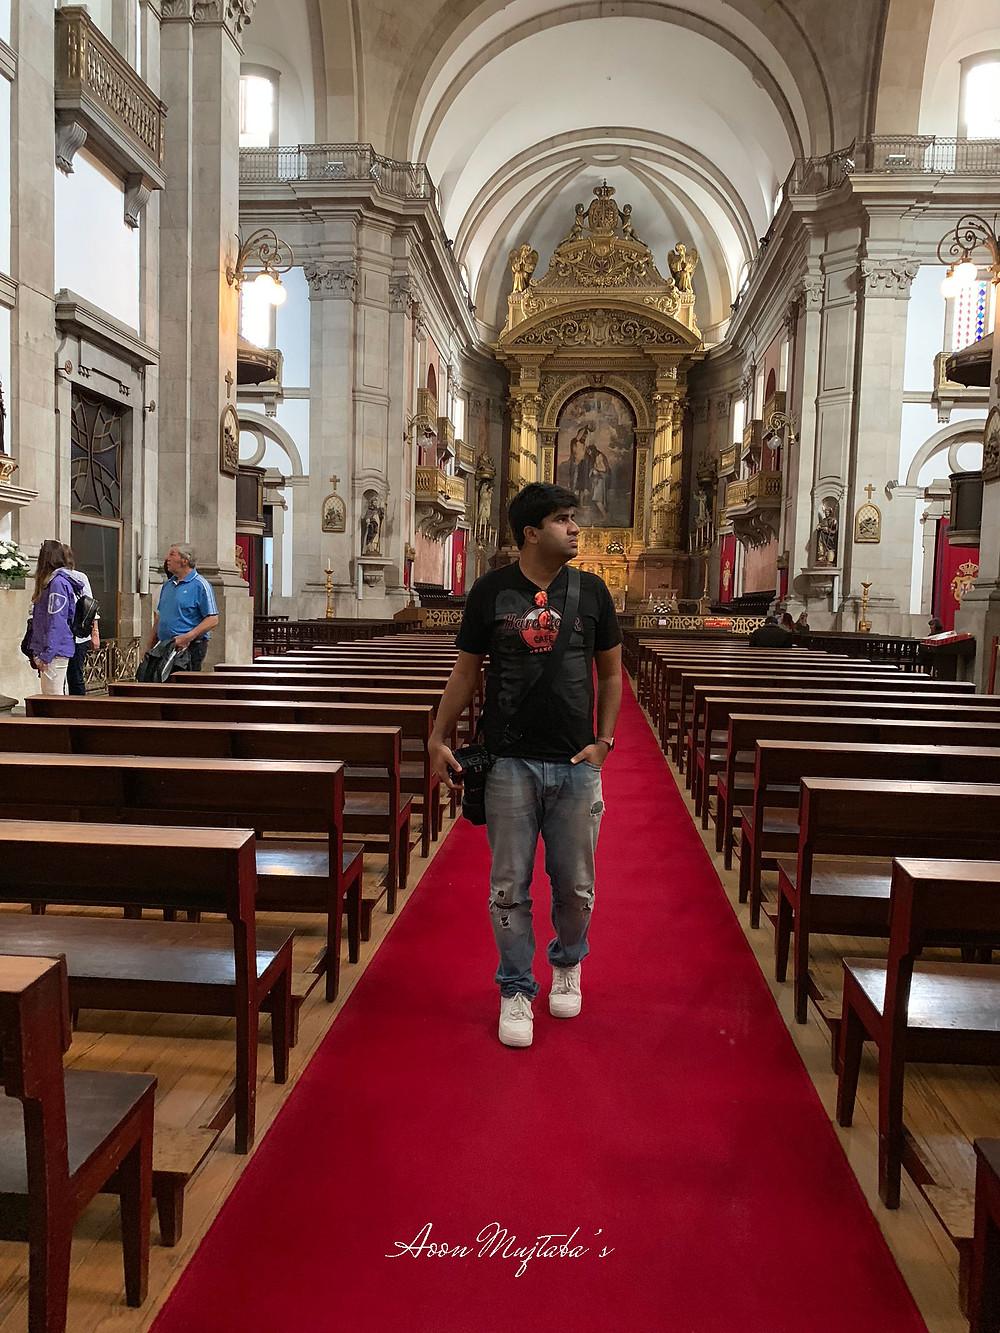 Santissima Trindade in Porto, Portugal